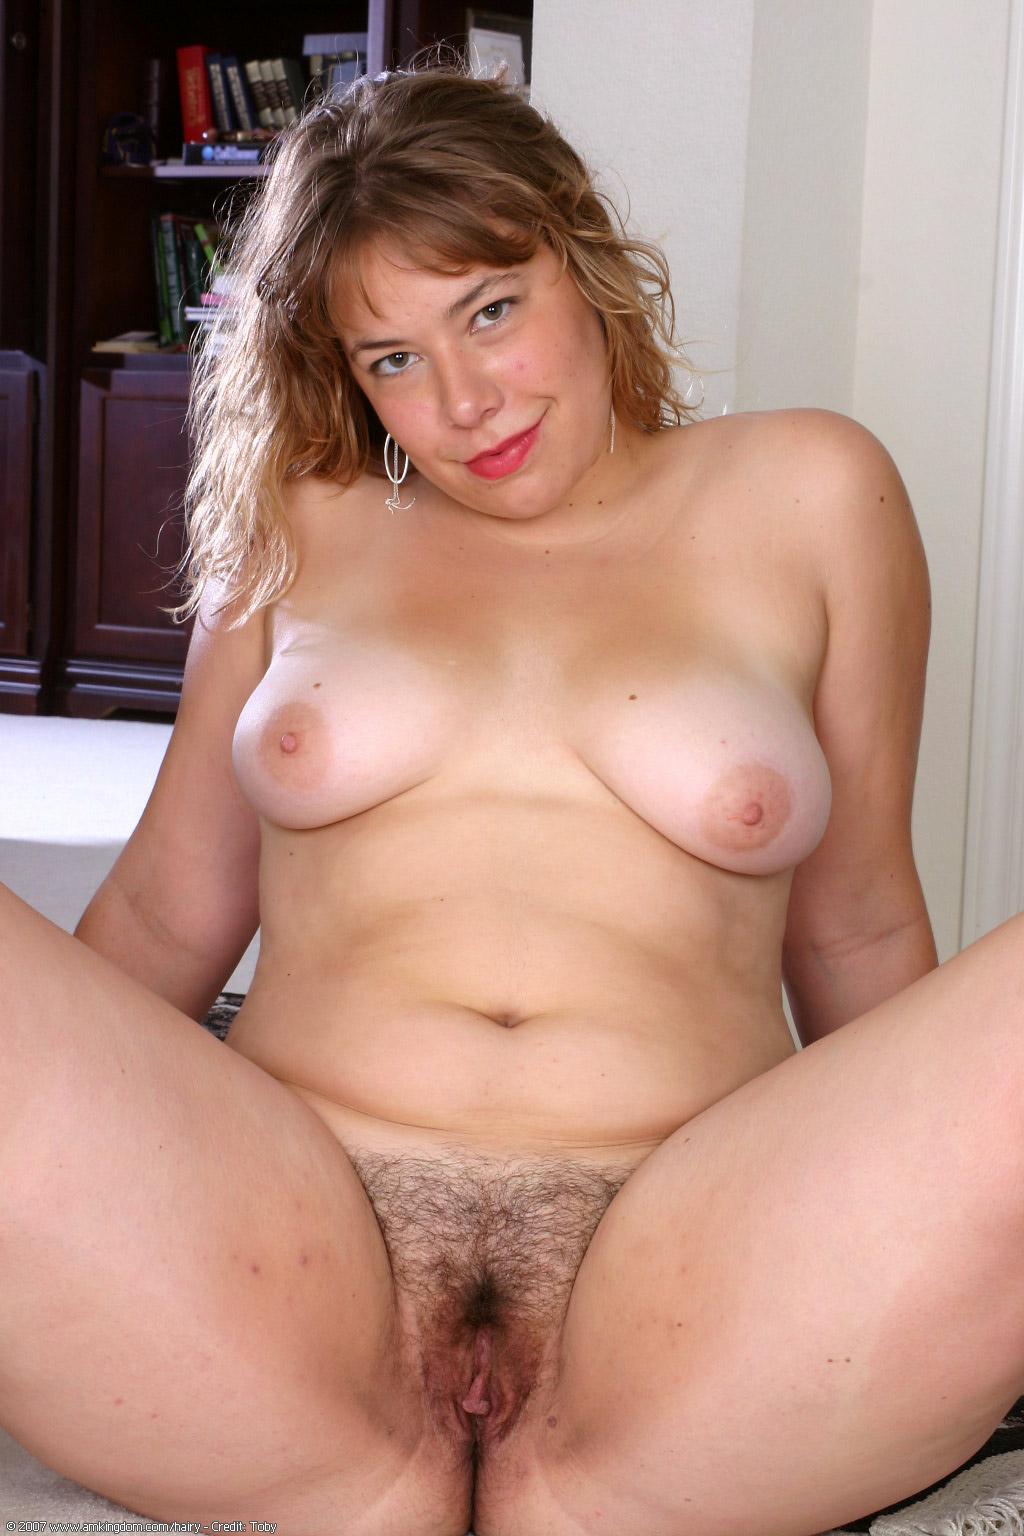 Naked hairy chubby woman, clubgirlsxxx pics